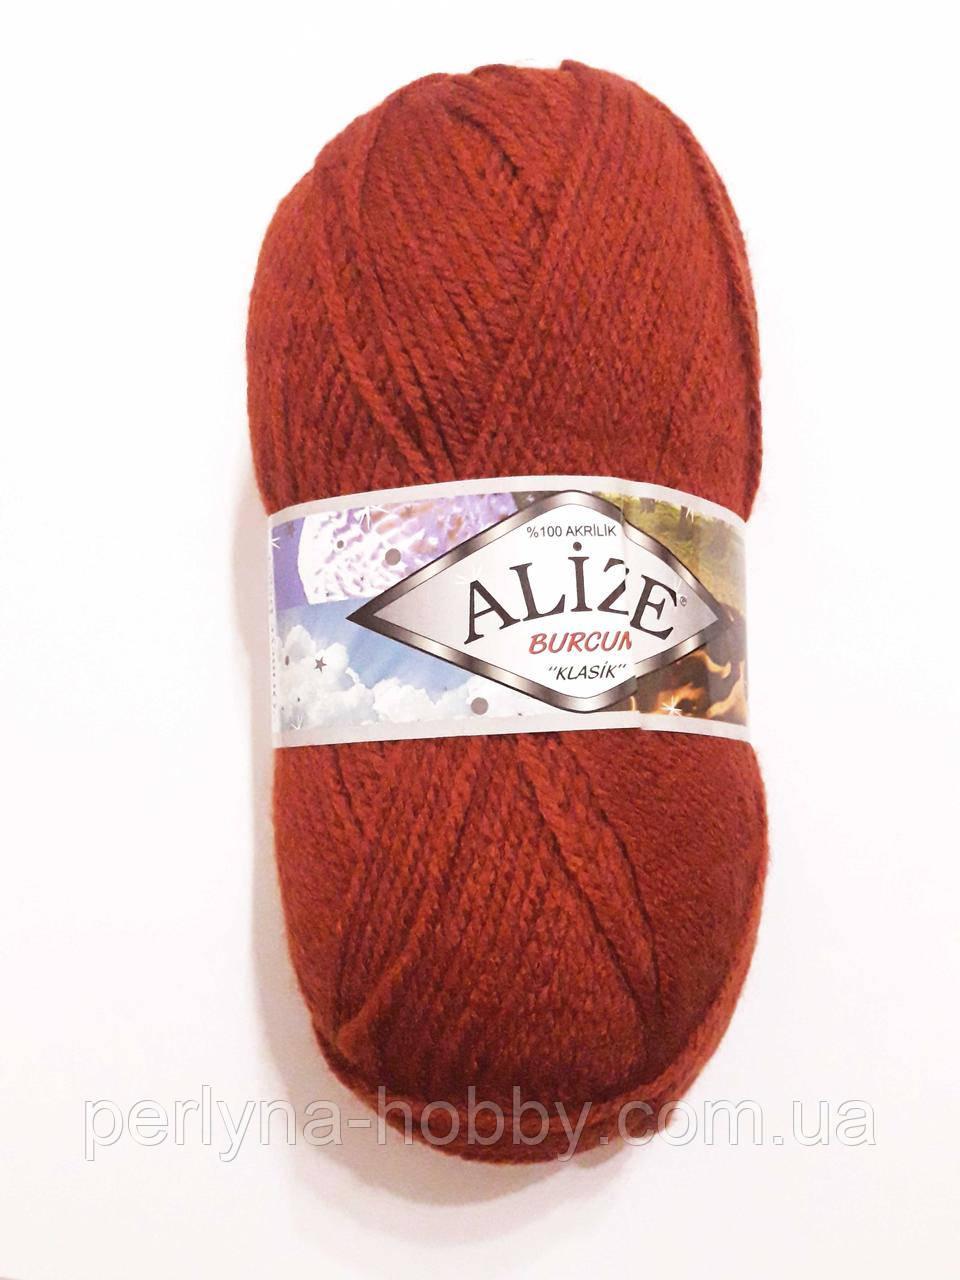 Пряжа акриловая Alize Burcum Klasik 100% акрил 100 гр, 210 м,  терракота Турция